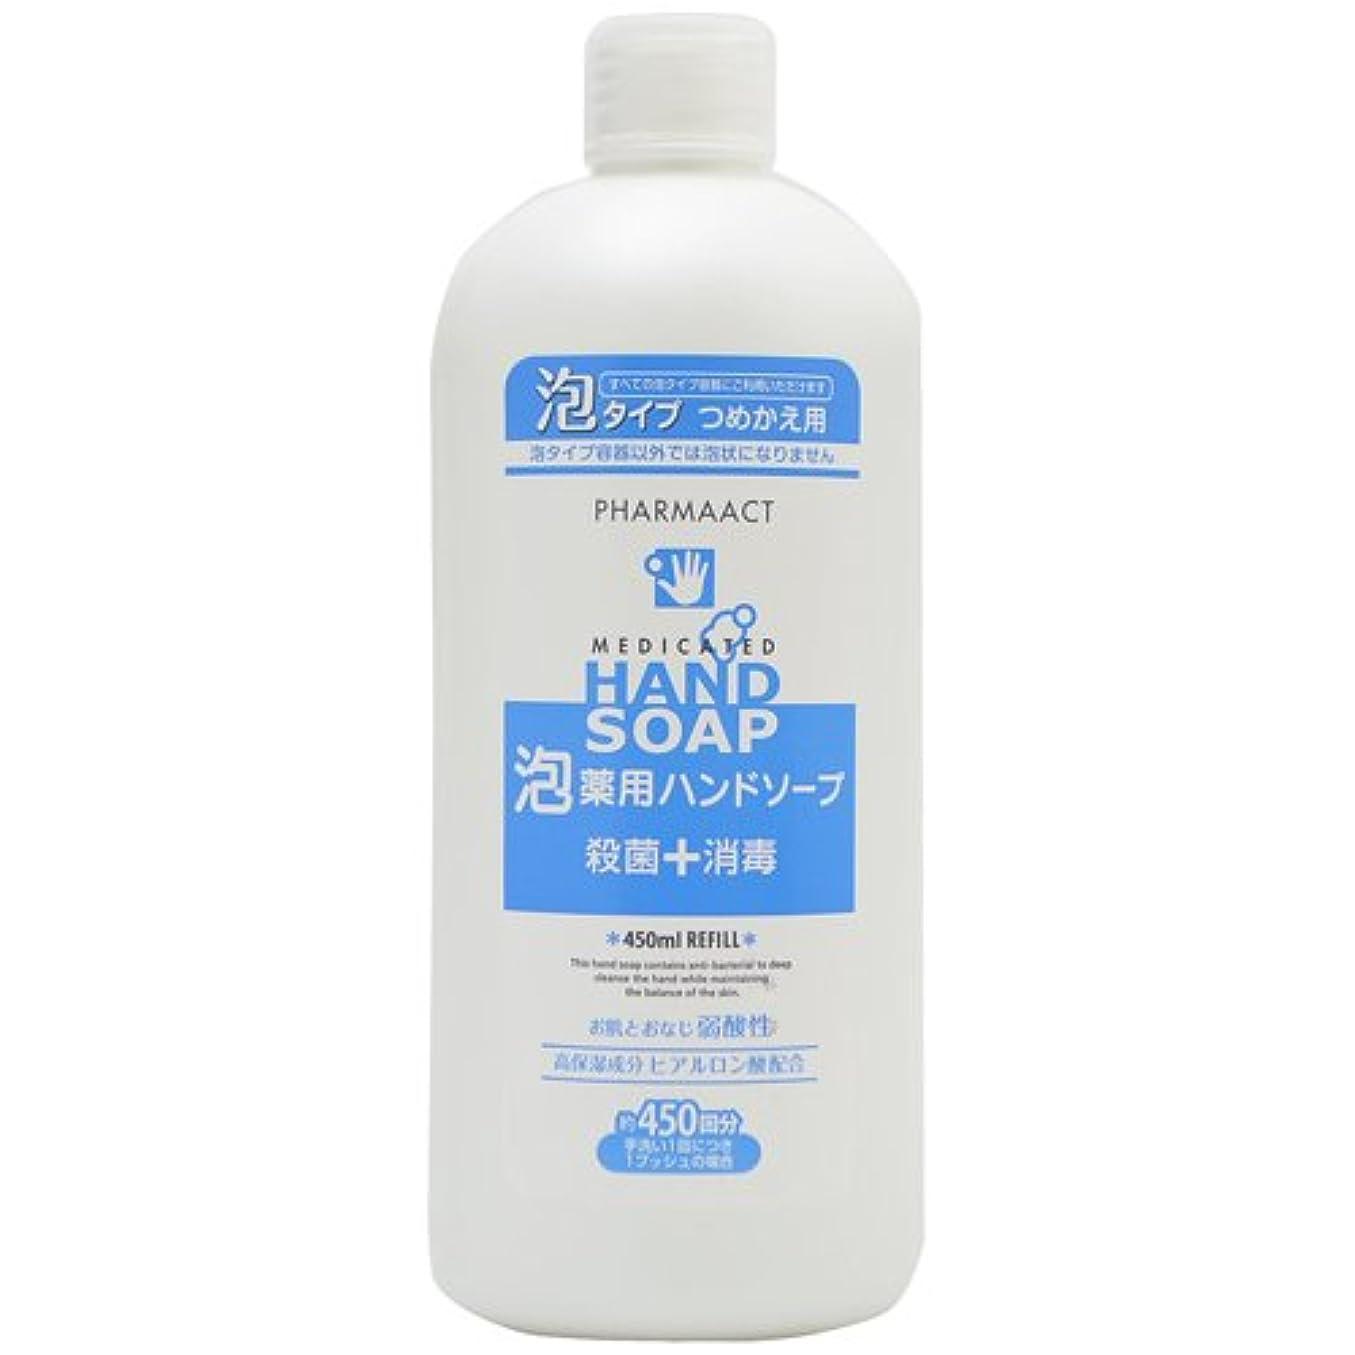 マントル混合したダイジェスト熊野油脂 ファーマアクト 薬用泡ハンドソープ つめかえ用 450ml×24点セット (4513574017603)